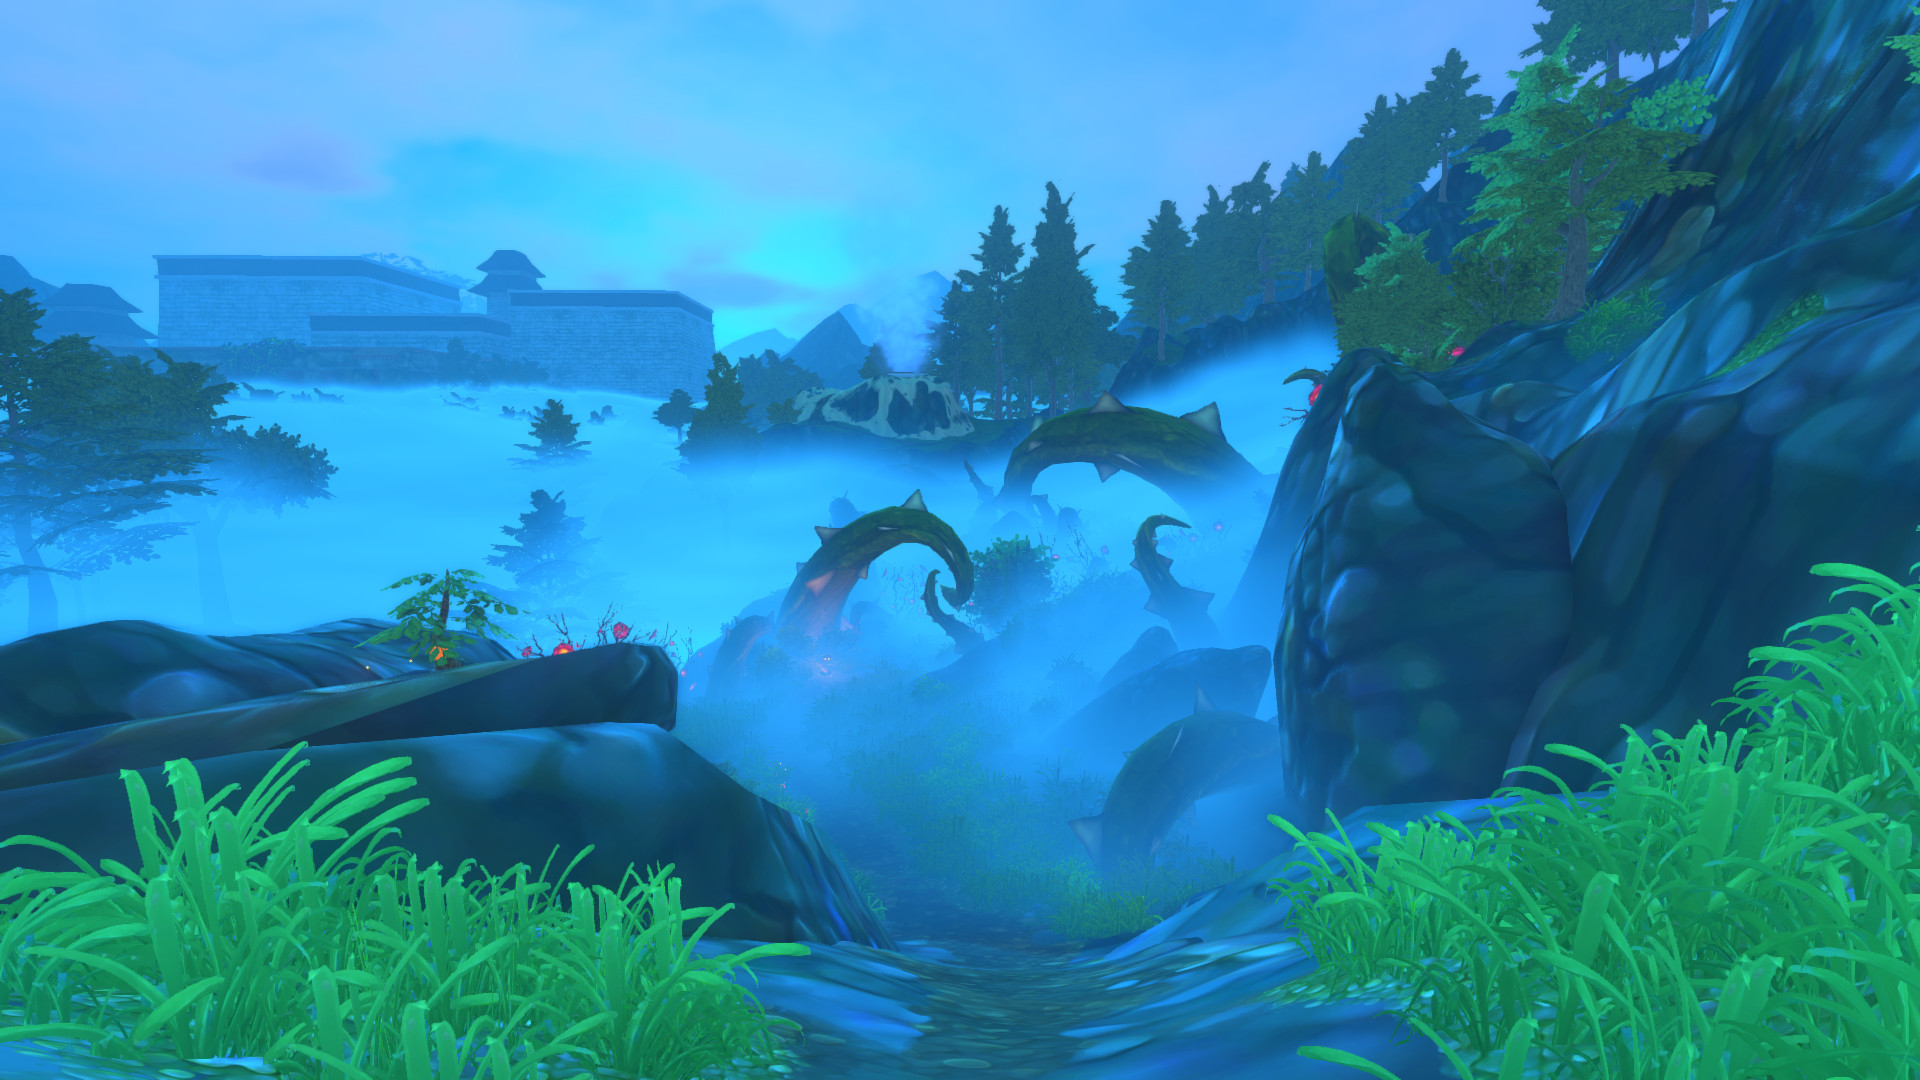 The Wild Eternal screenshot